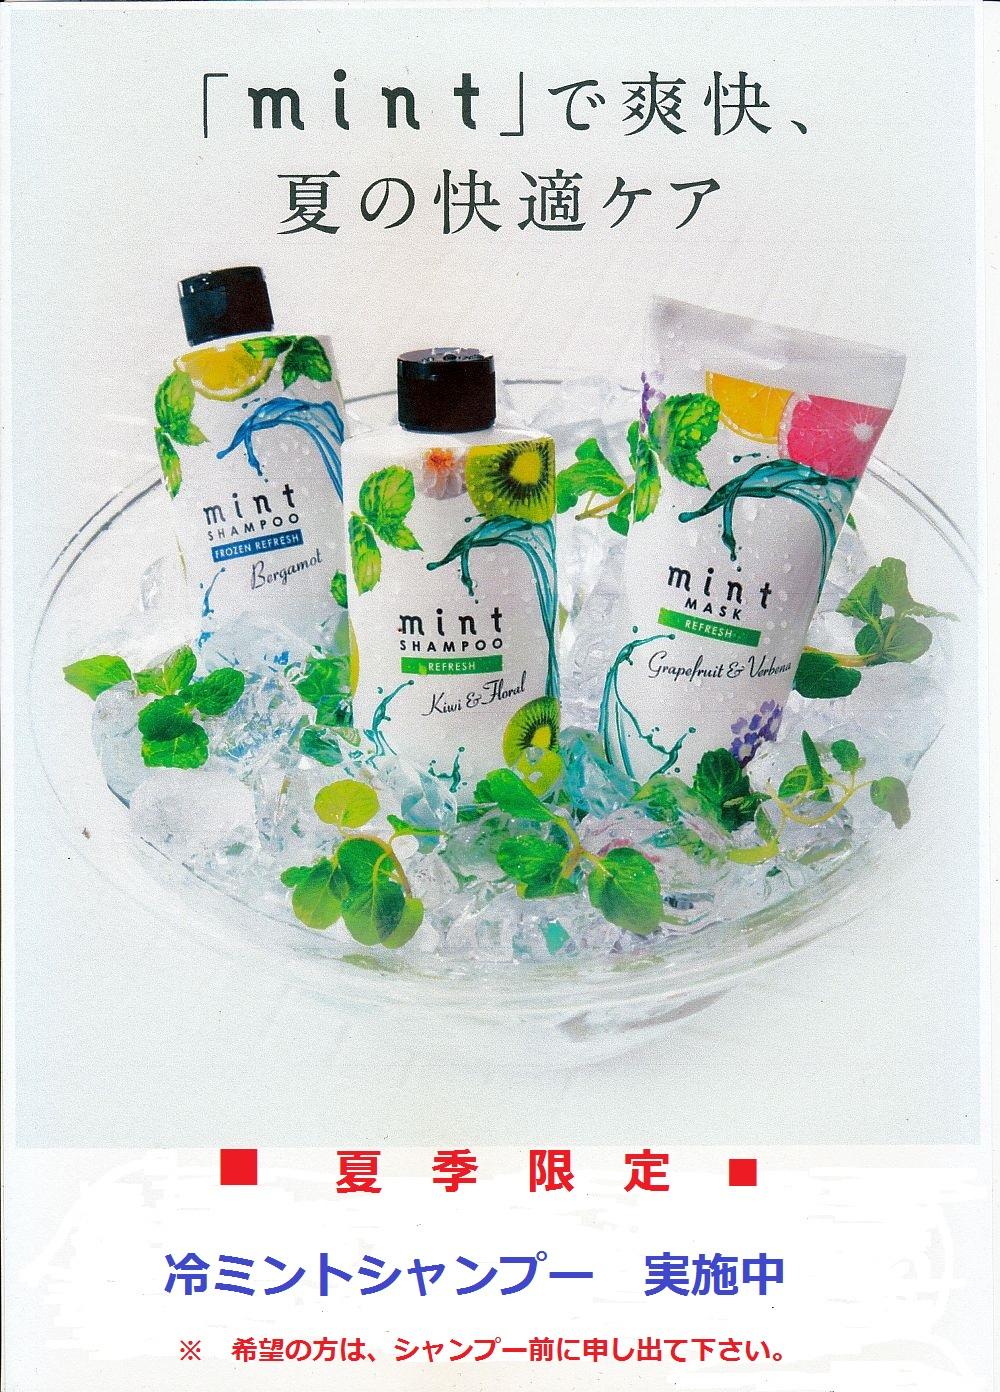 mint_shampoo.jpg